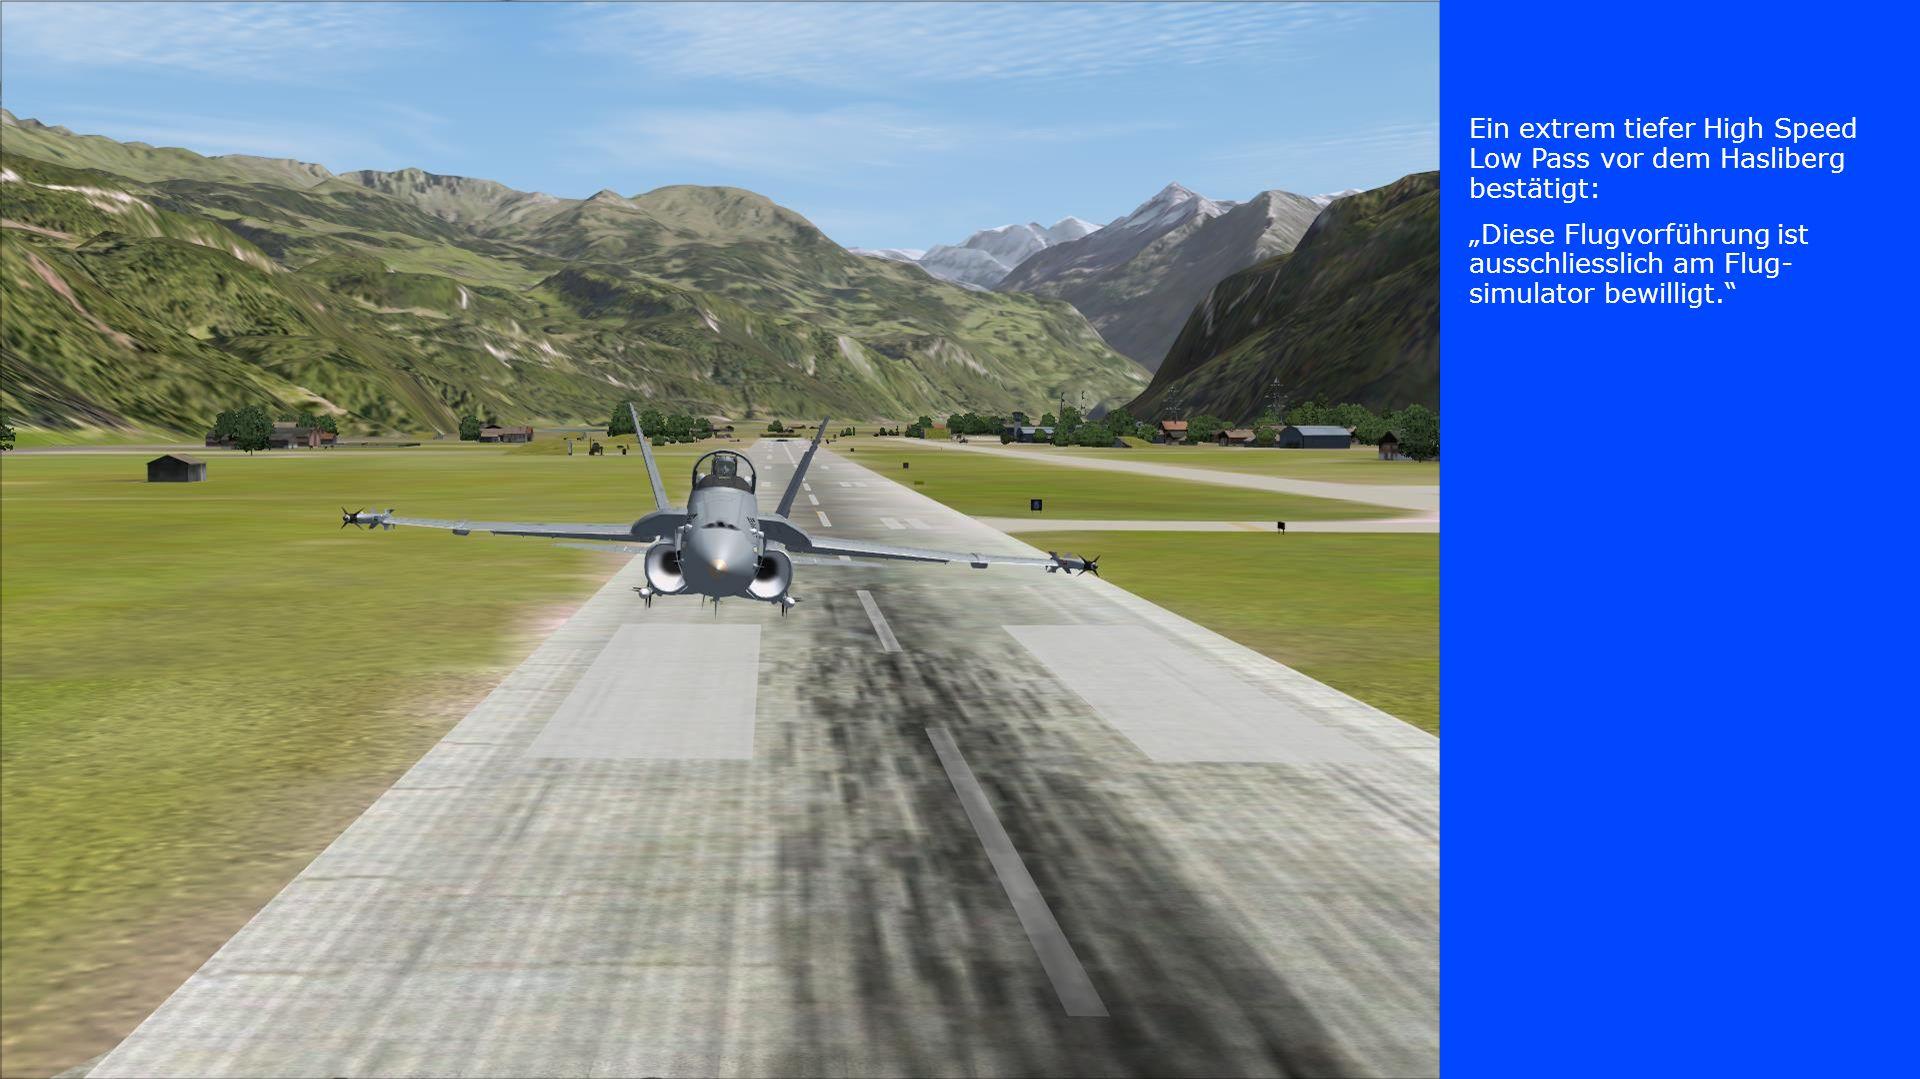 """Ein extrem tiefer High Speed Low Pass vor dem Hasliberg bestätigt: """"Diese Flugvorführung ist ausschliesslich am Flug- simulator bewilligt."""""""